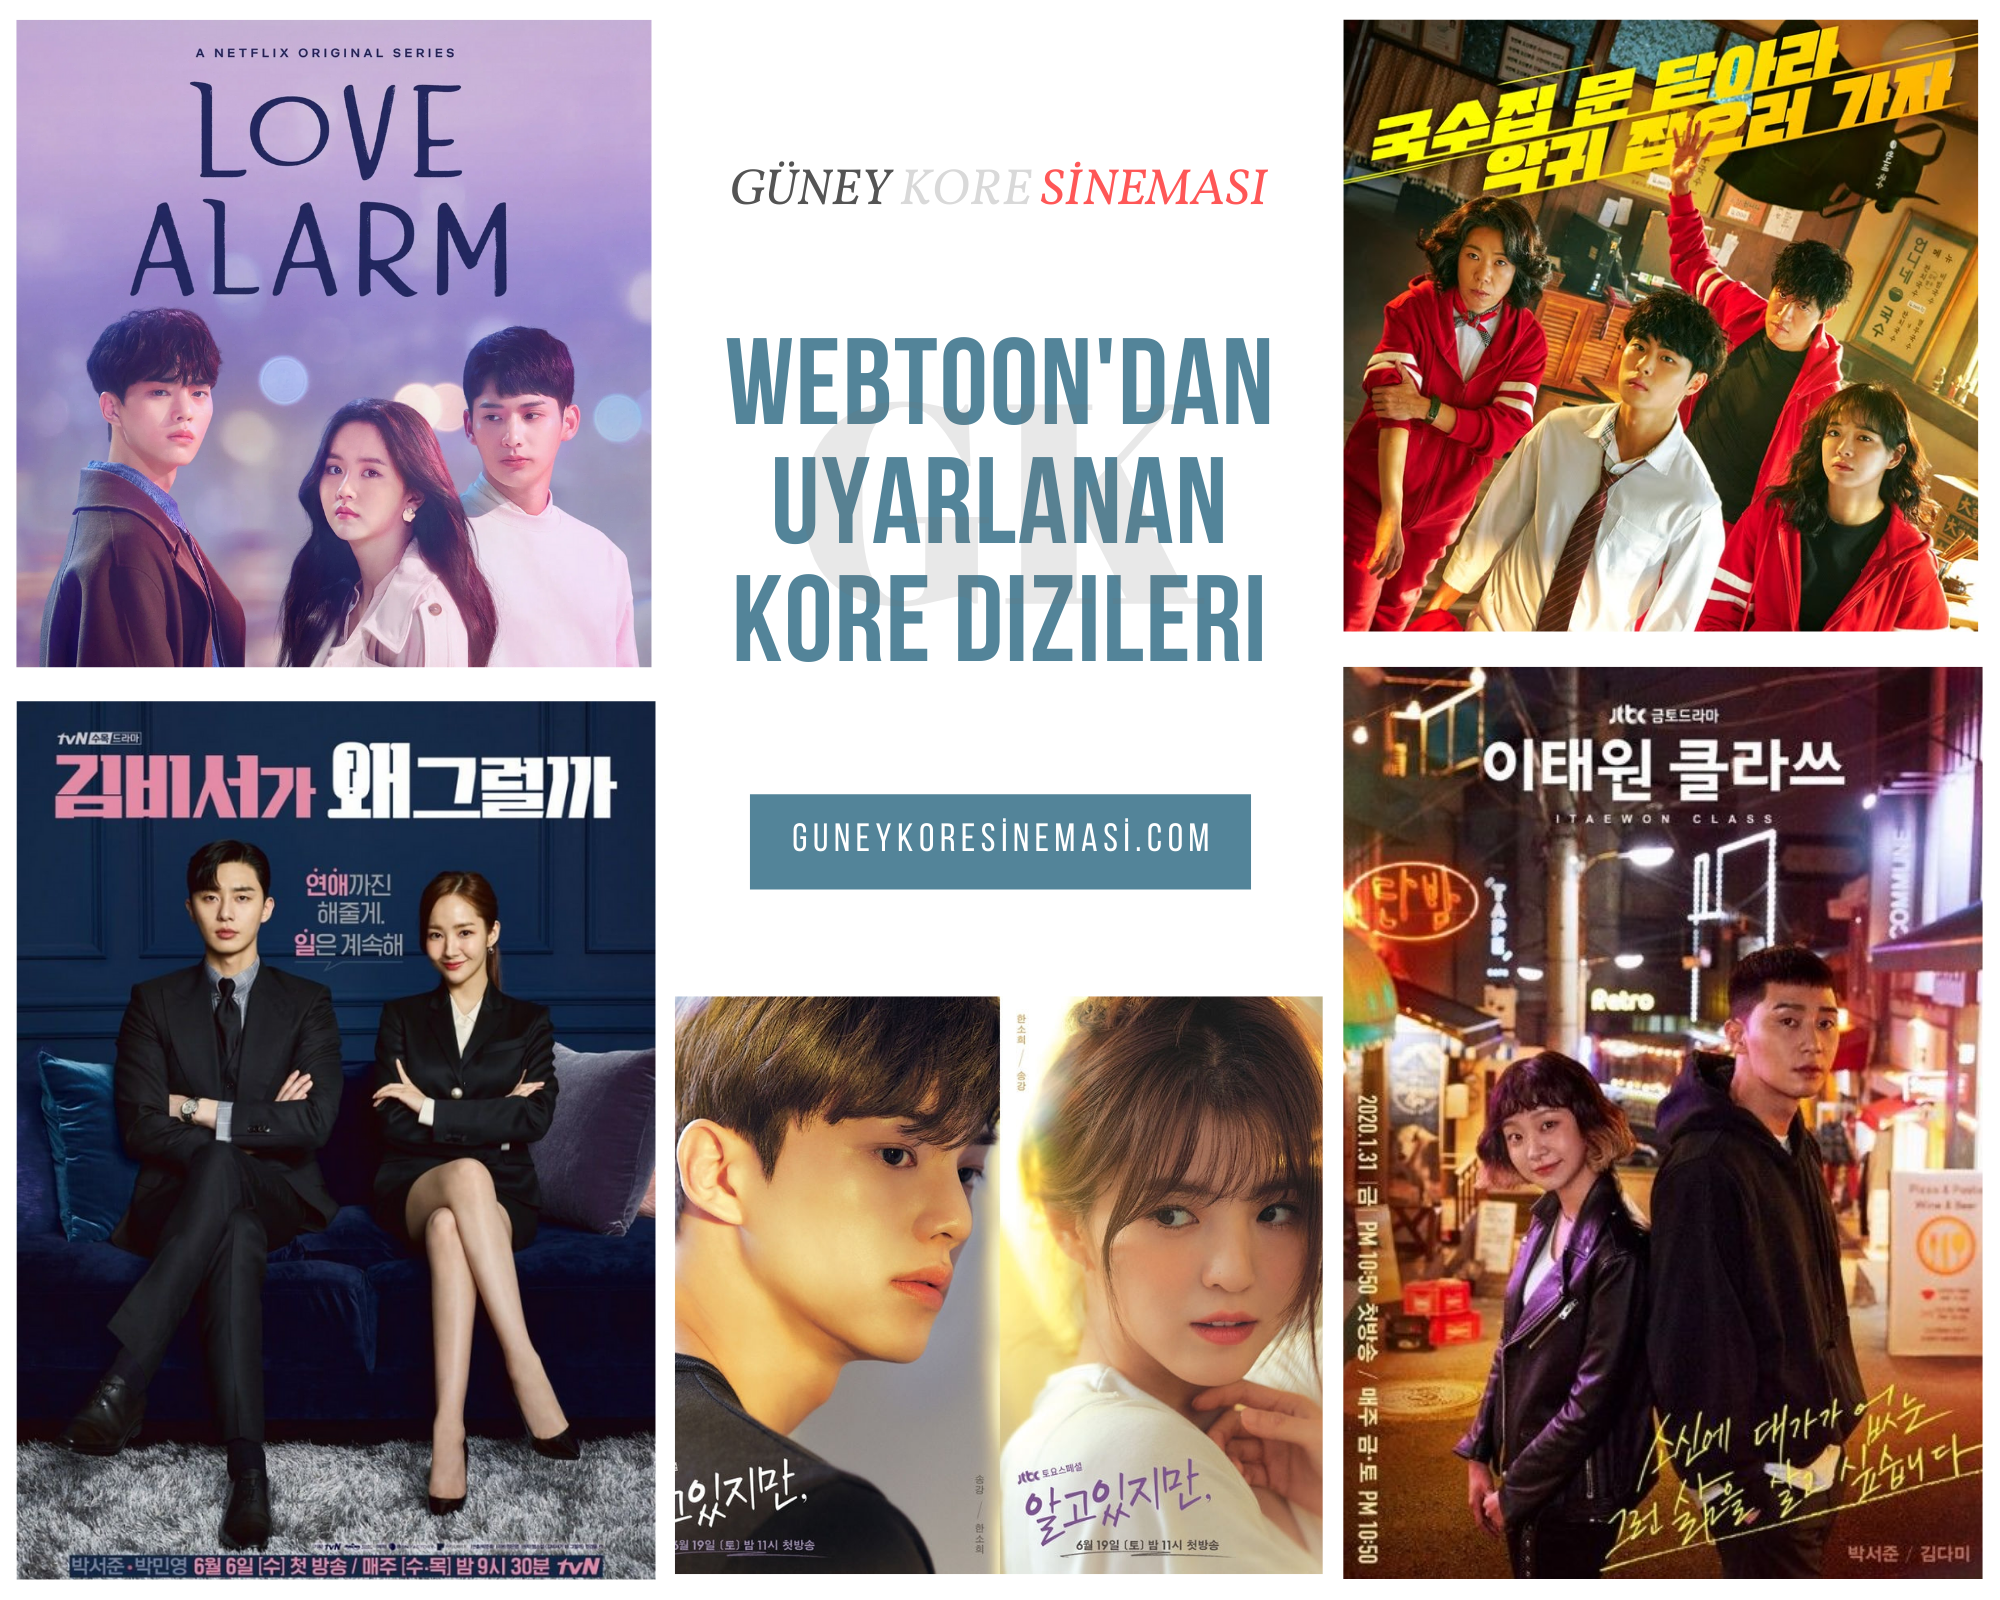 Webtoon'dan Uyarlanan Kore Dizileri